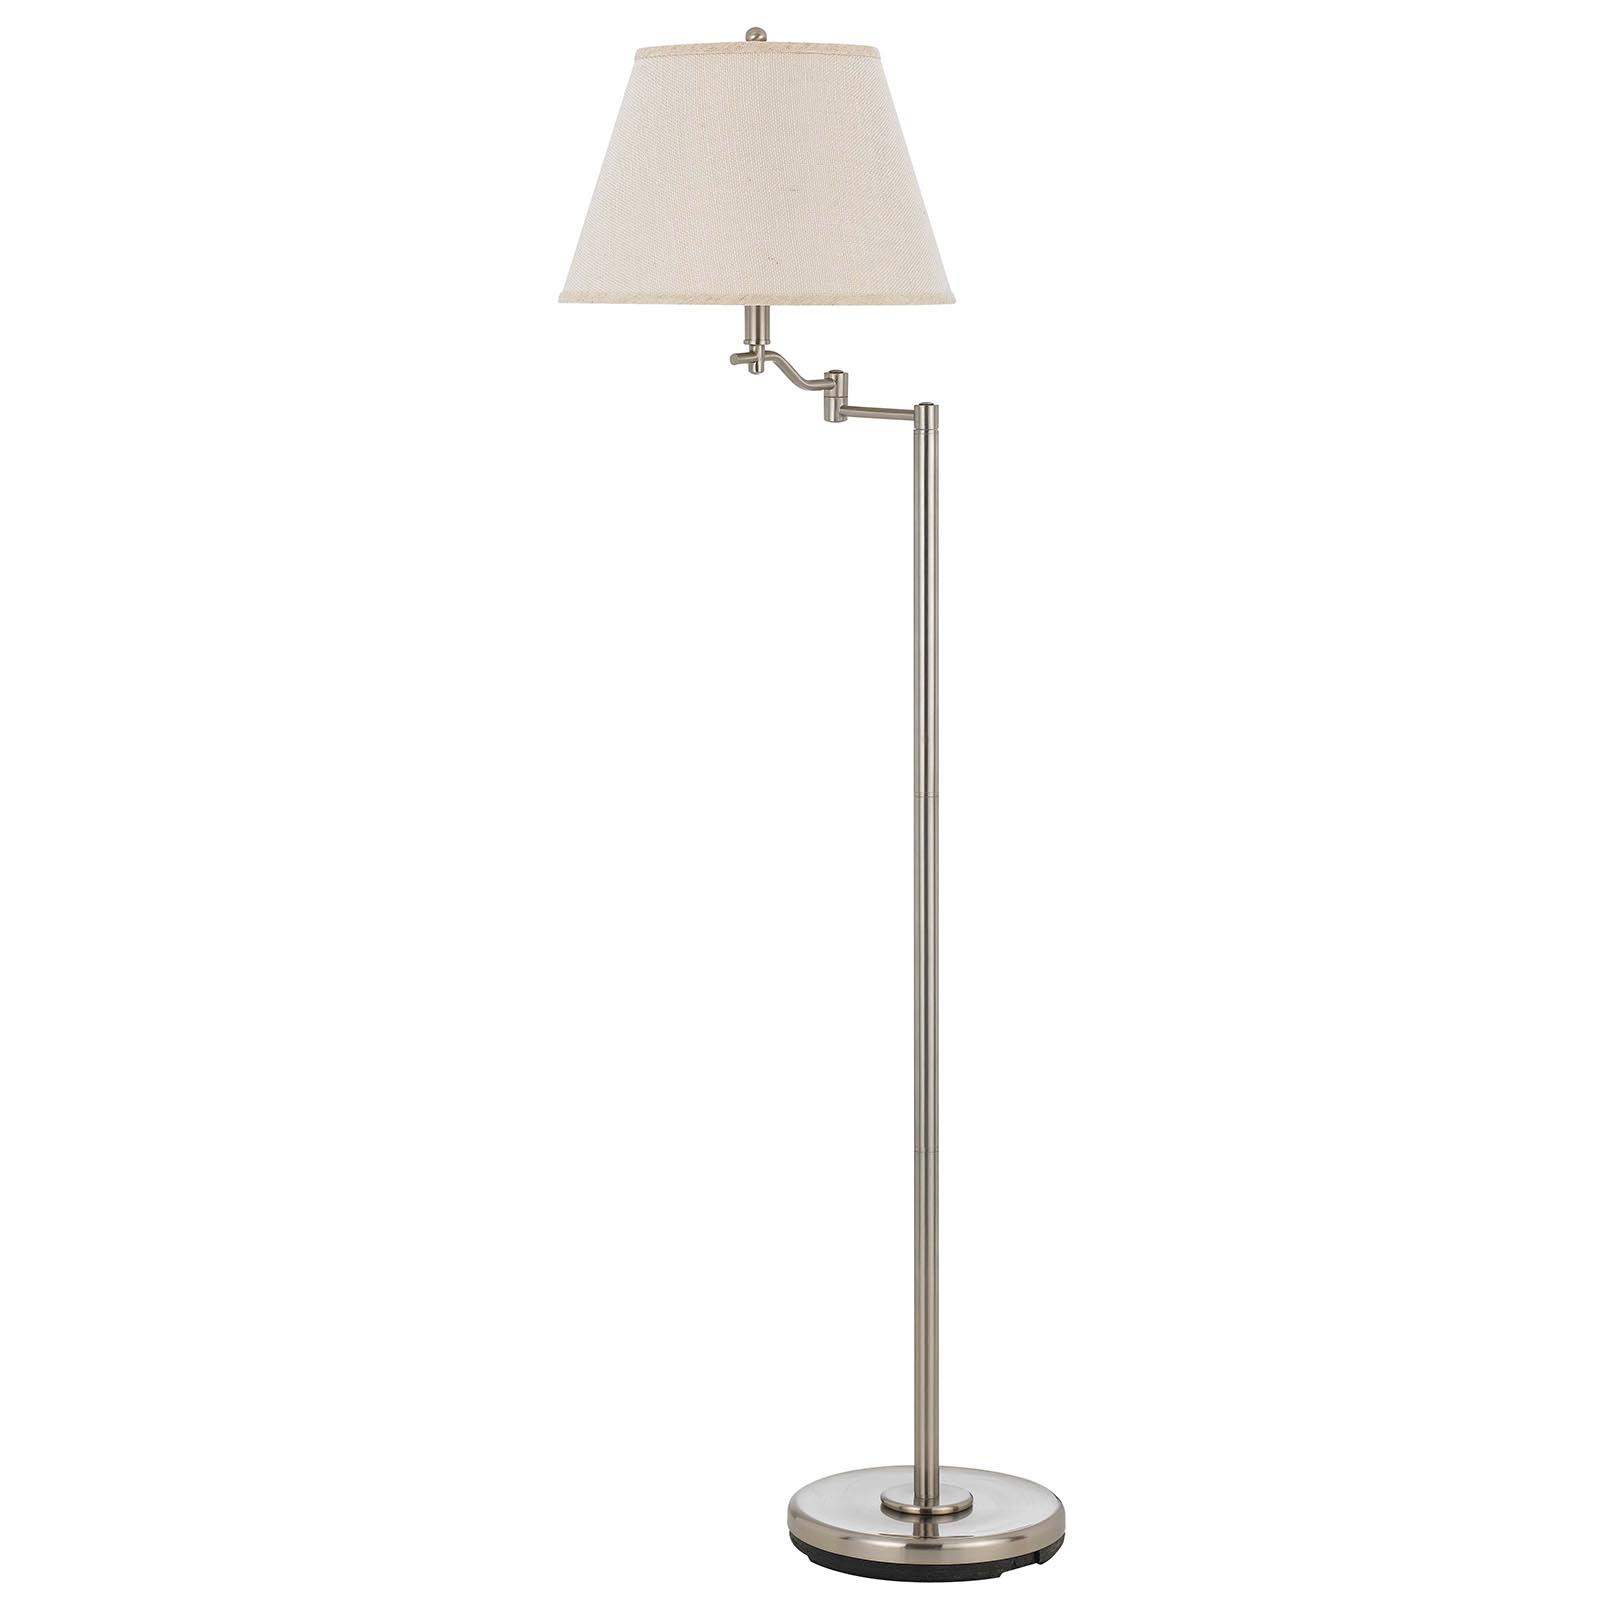 Cal Lighting Bo 2350fl Bs Dana Swing Arm Floor Lamp 150